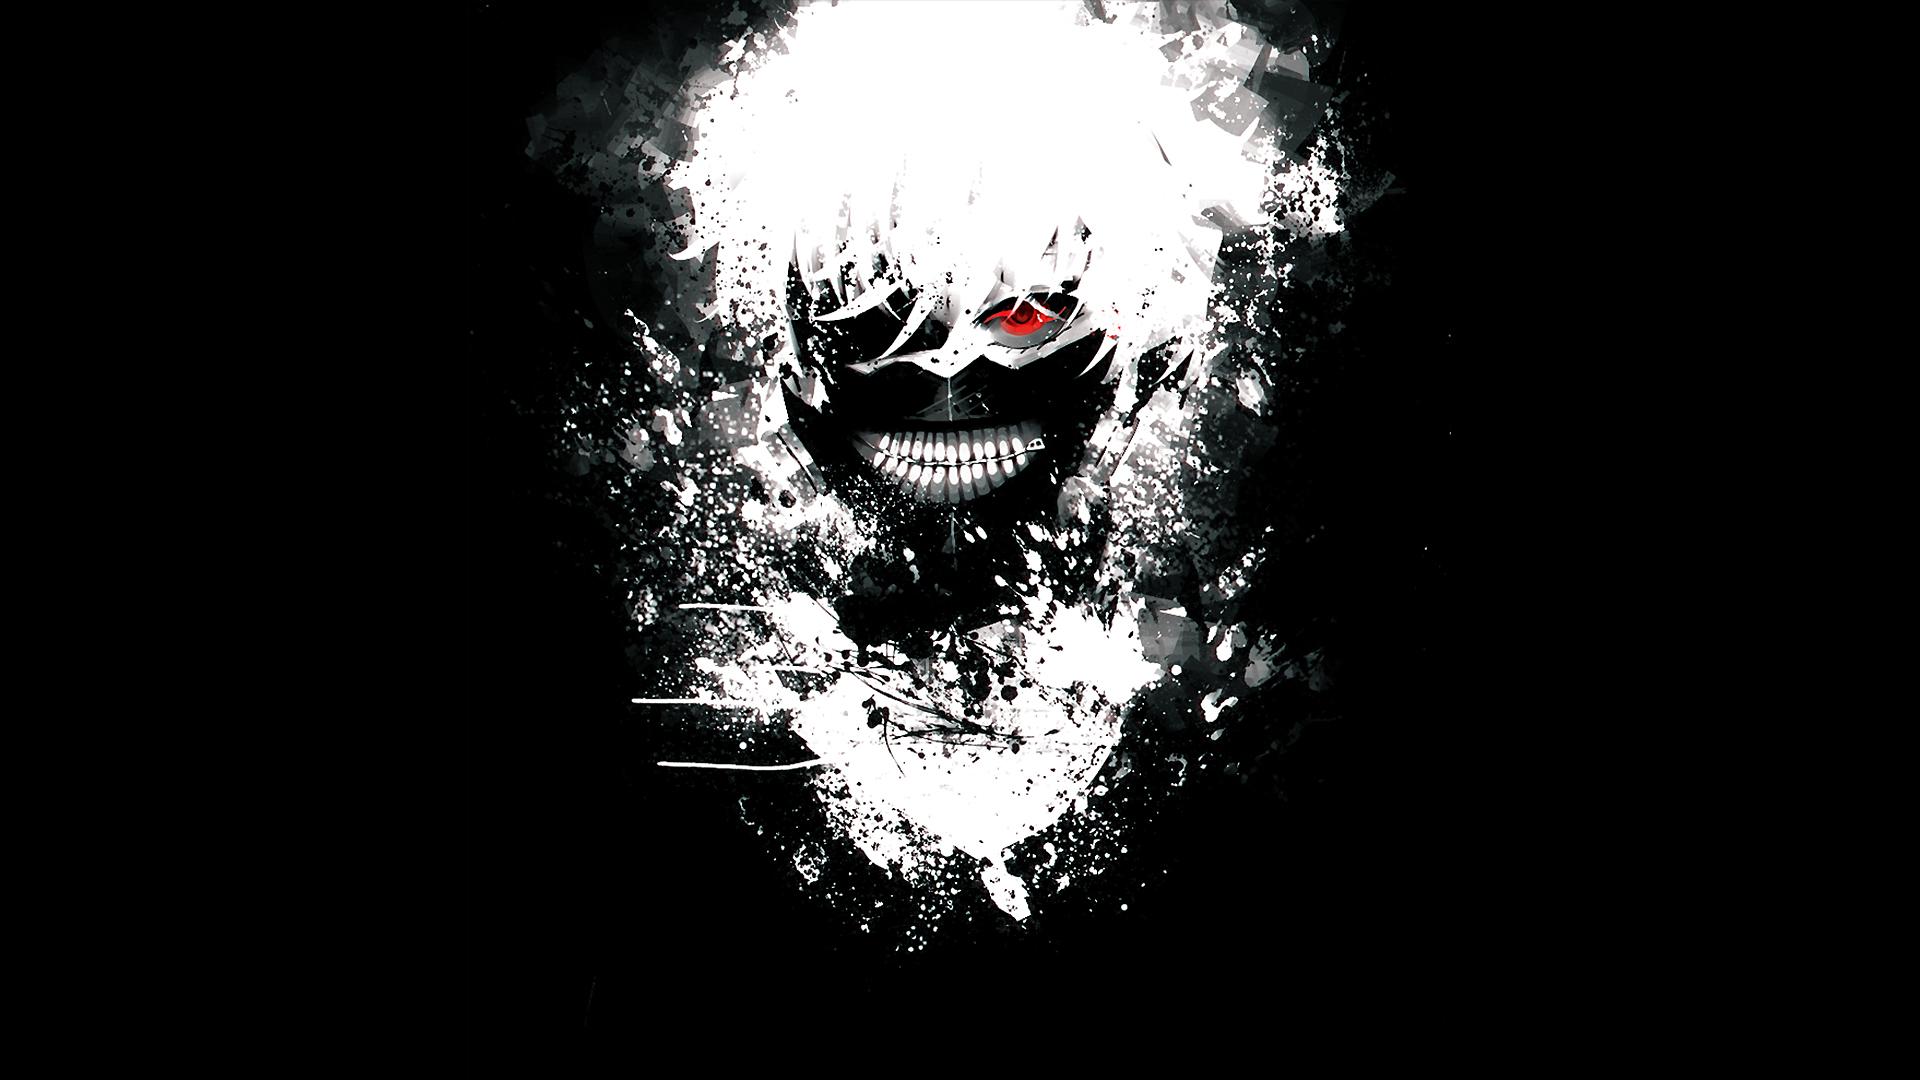 Tokyo Ghoul Ken Kaneki Wallpaper: Tokyo Ghoul Ken Kaneki Mask 20 Hd Wallpaper